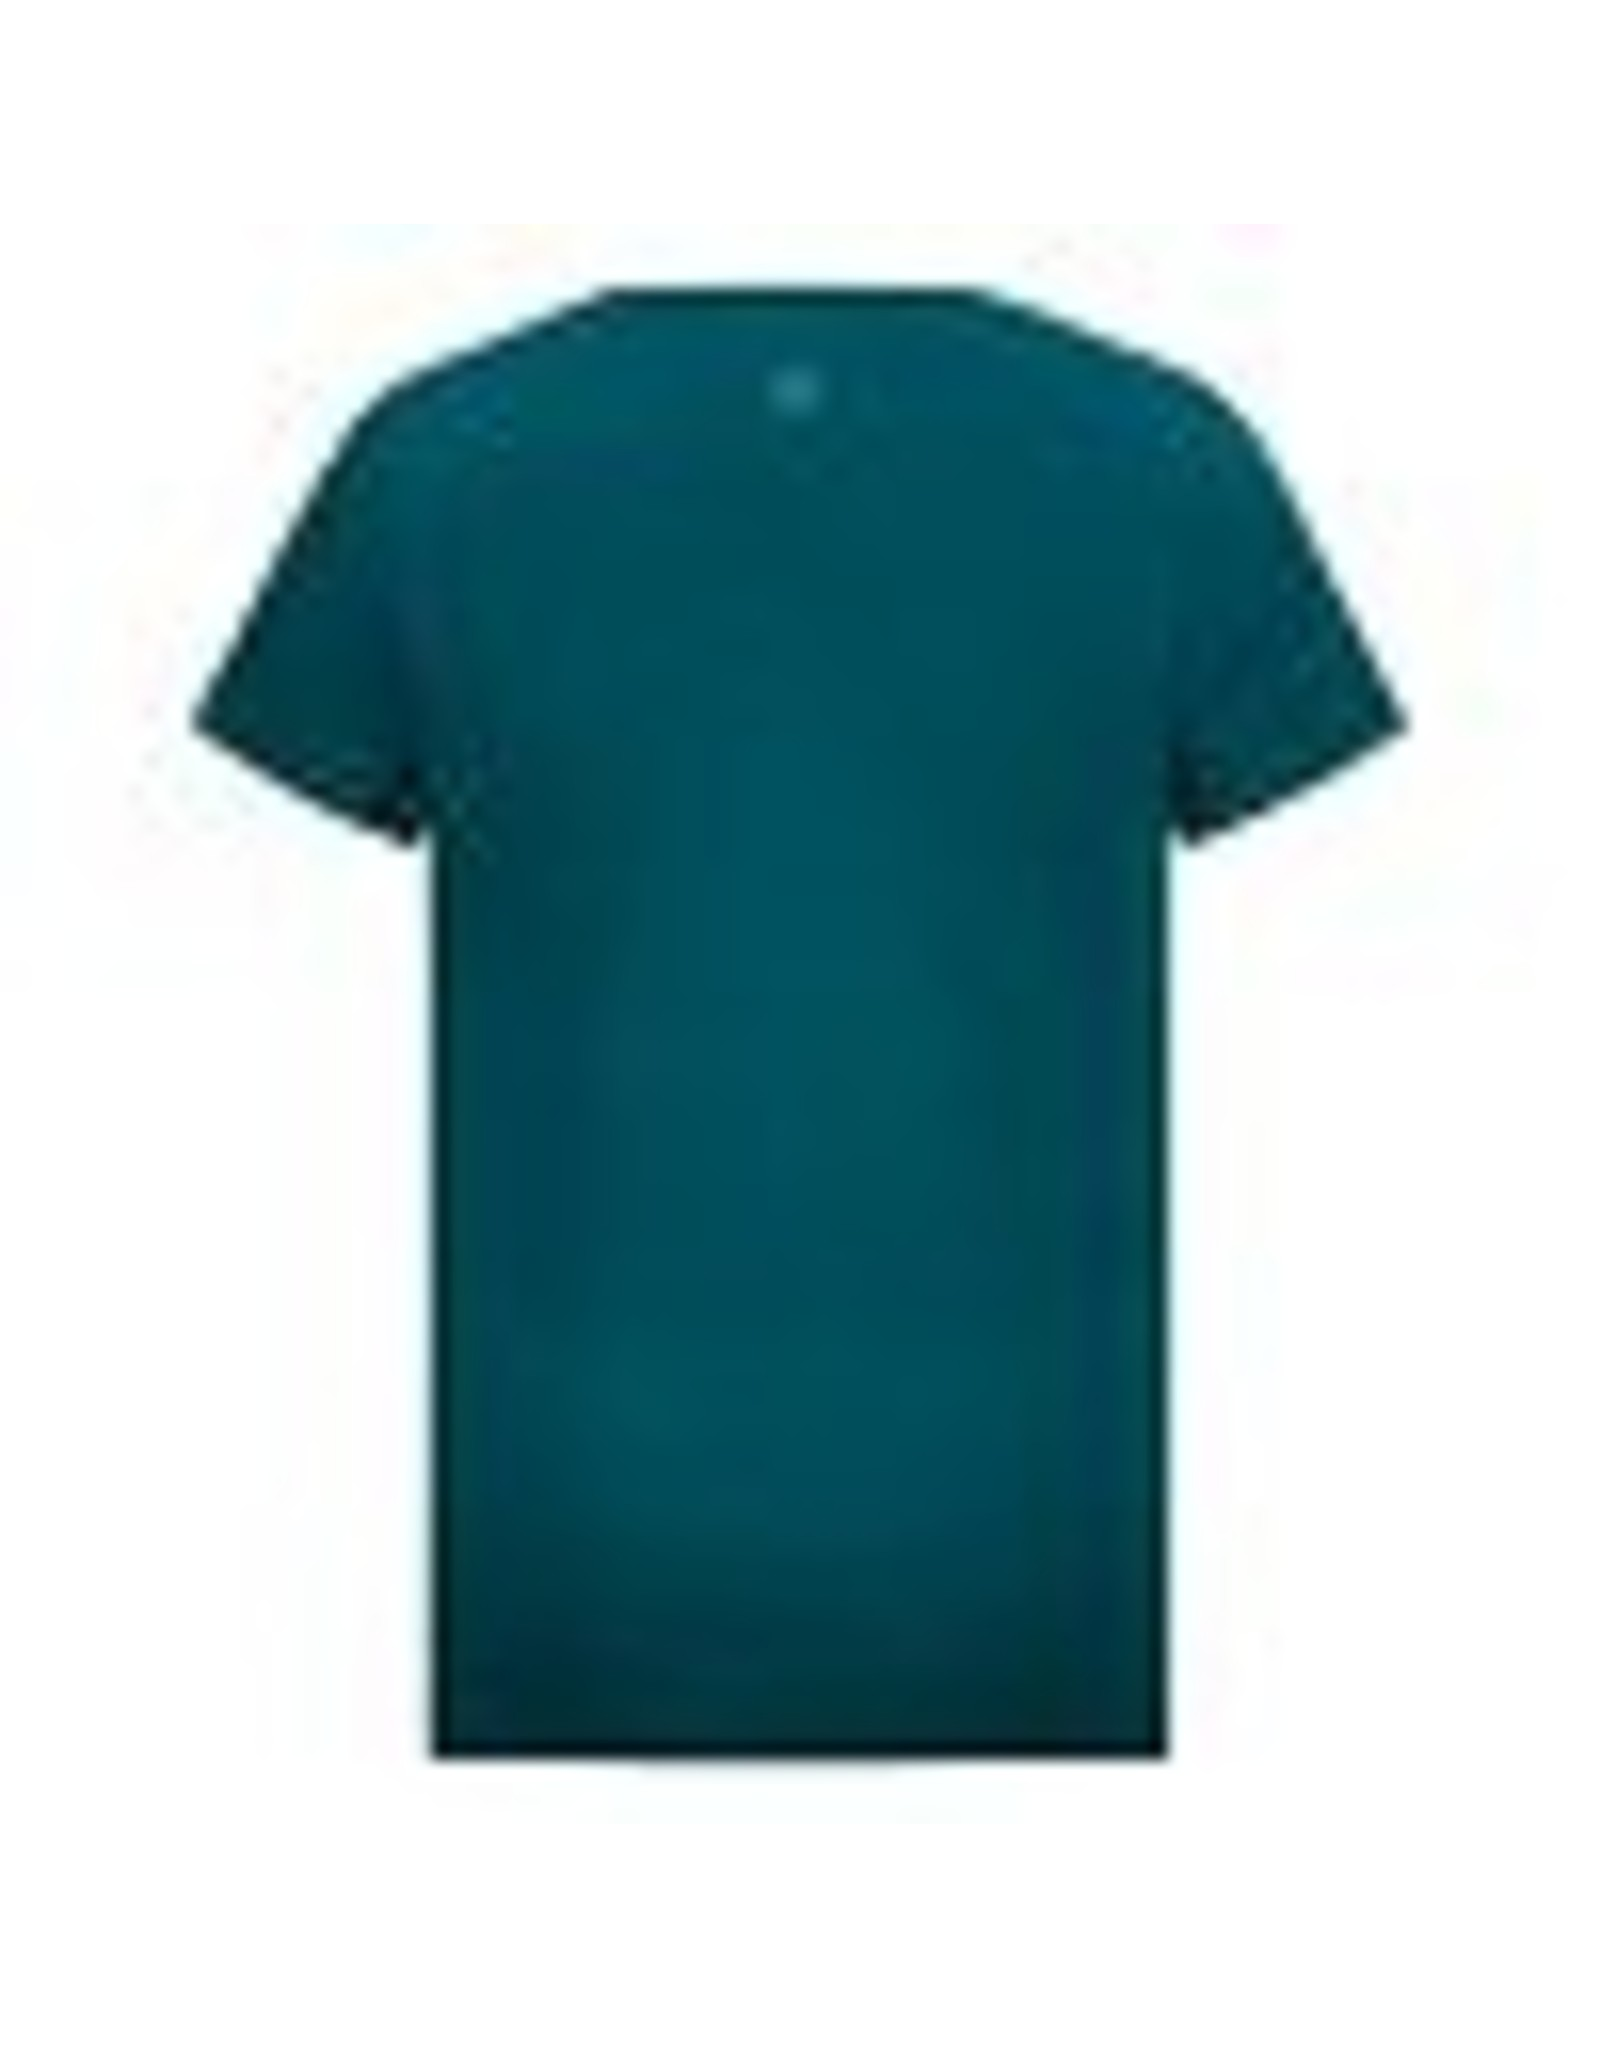 Retour Jeans T-shirt Kyle Teal